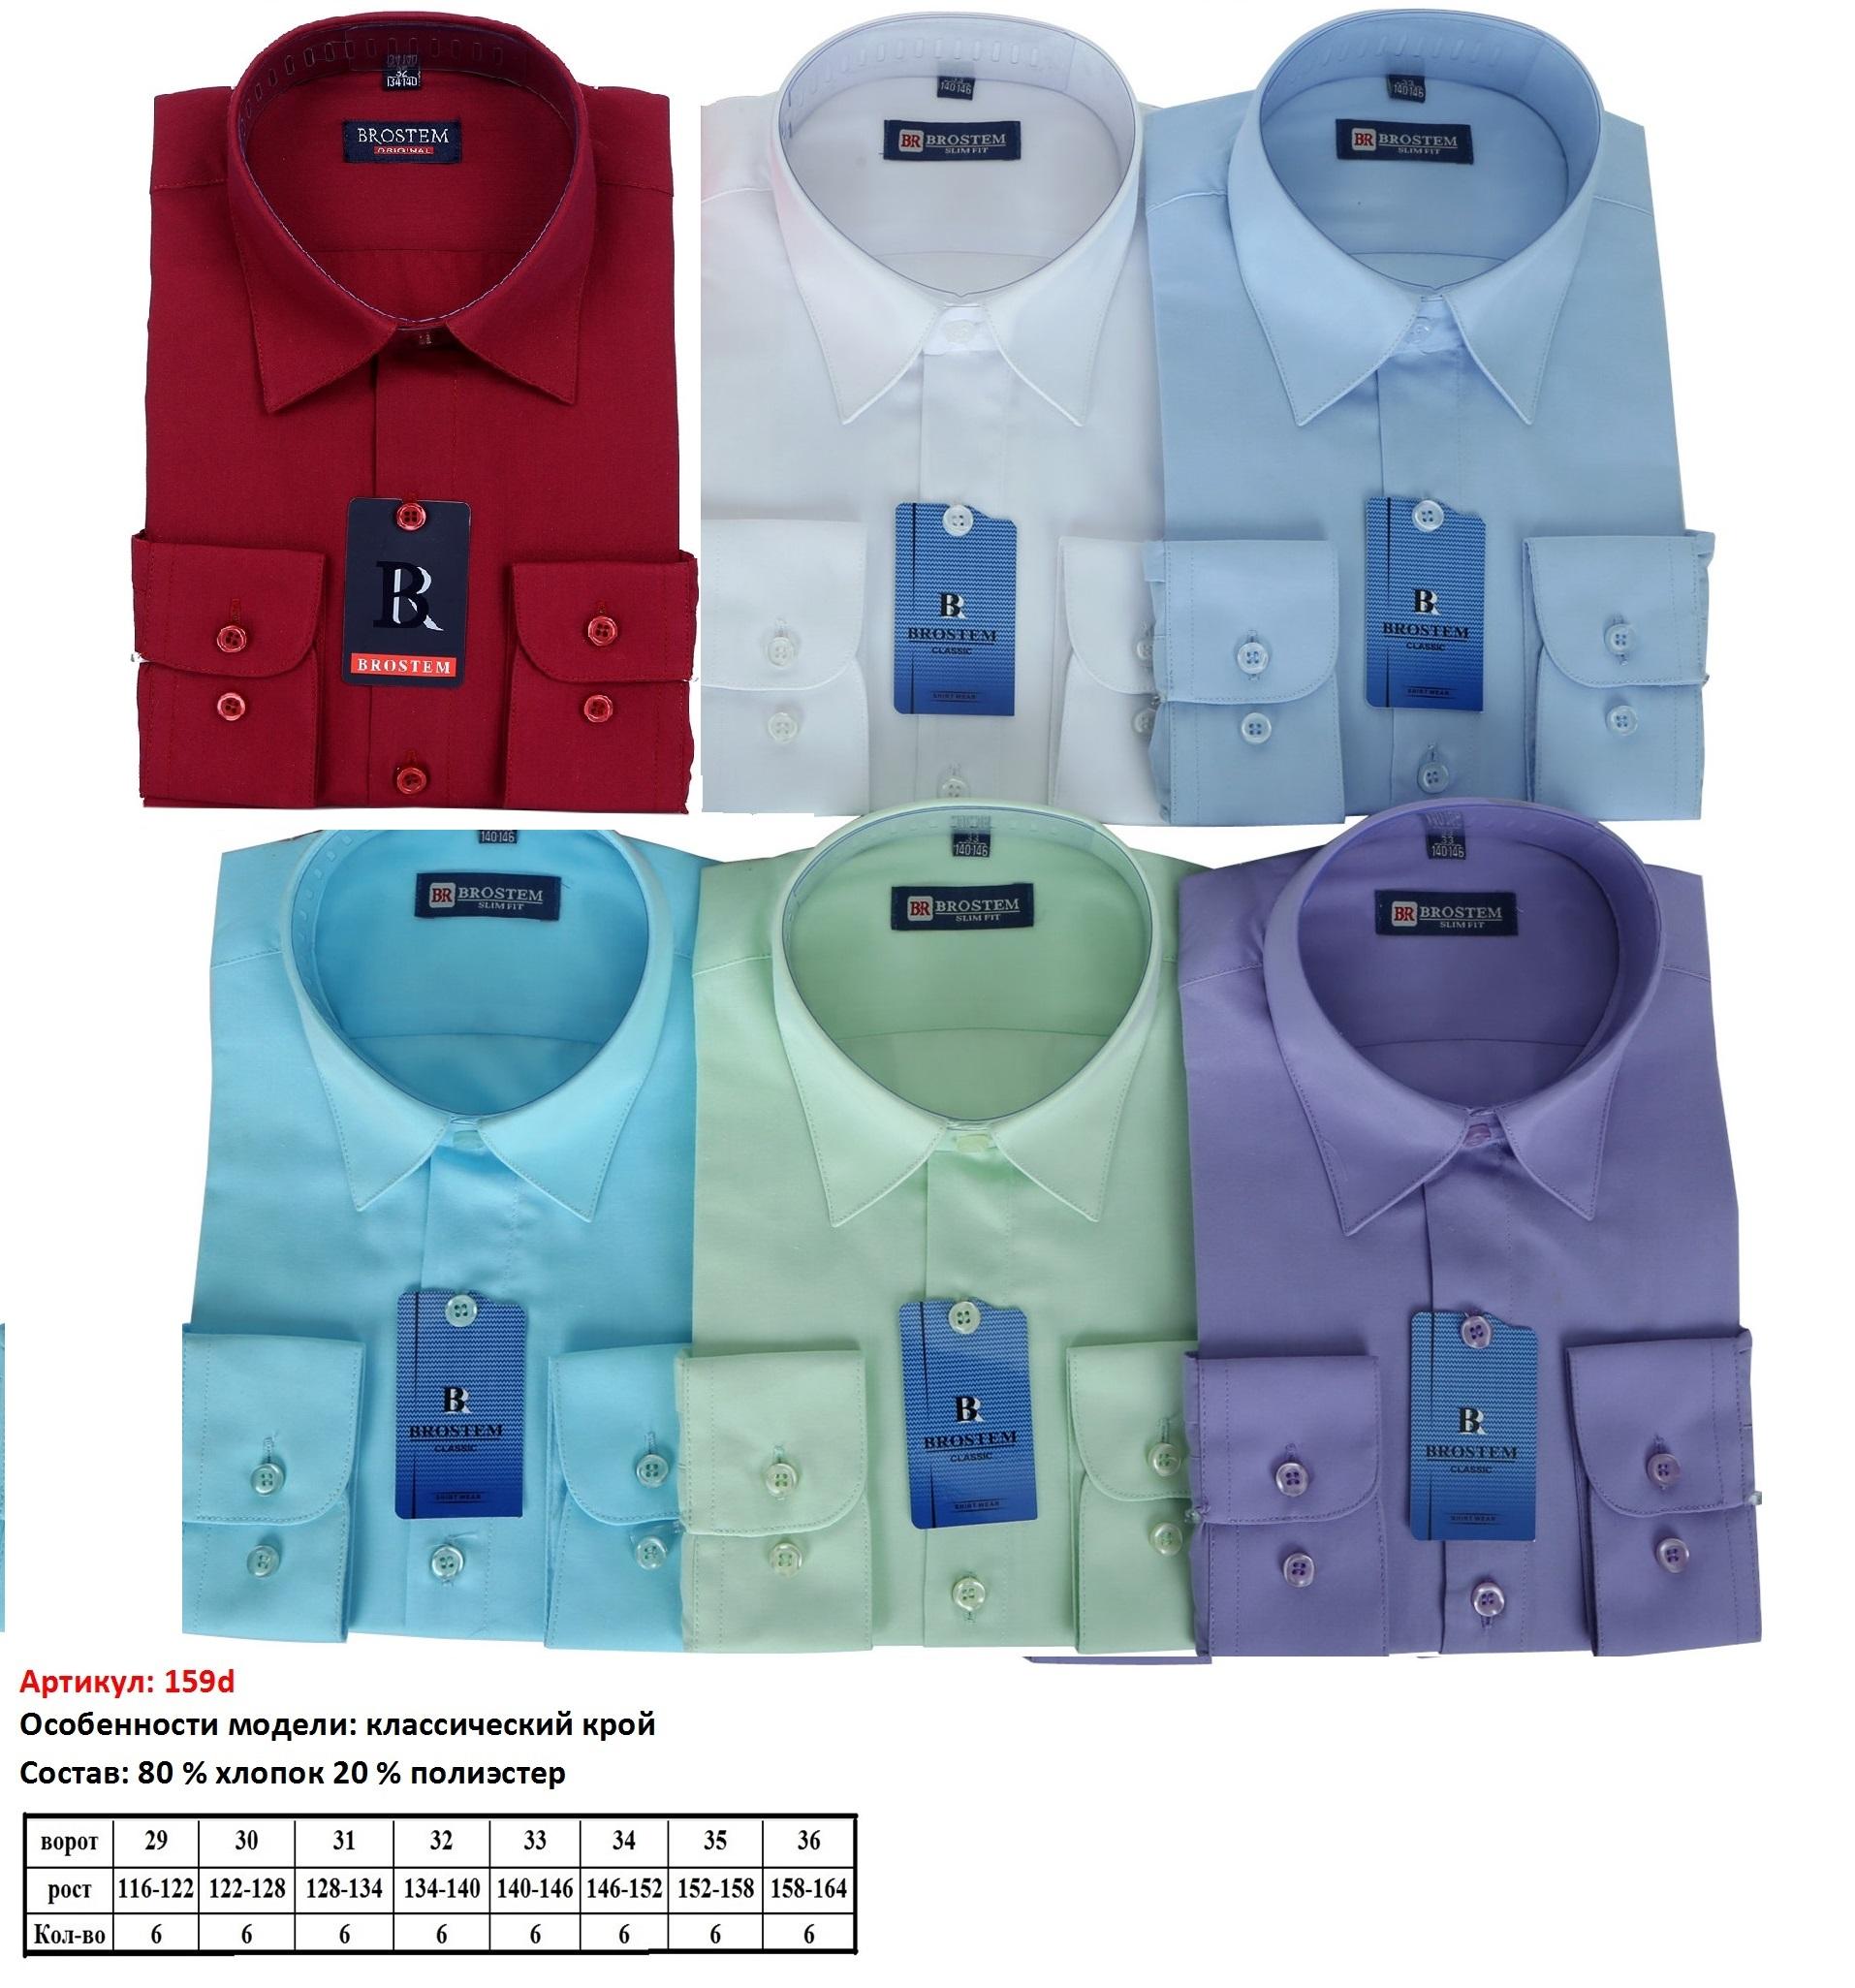 Сбор заказов. Классика для мальчиков. Рубашки Brostem, Formax длинный и короткий рукав, галстуки. Ряды. Выкуп - 5